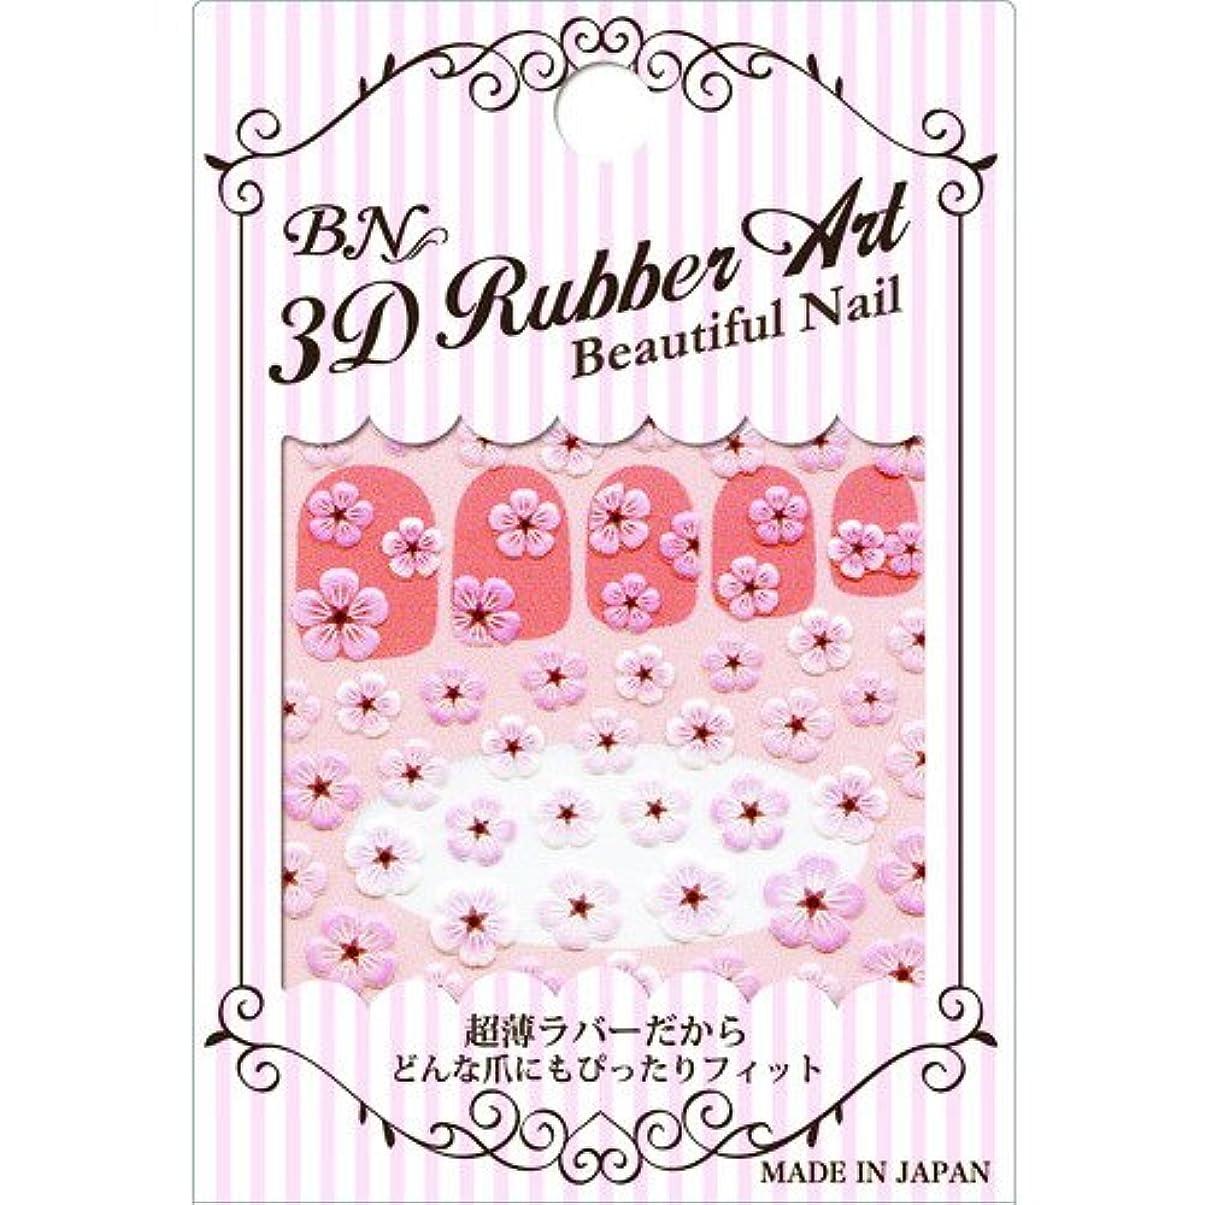 財団ピアースグリットBN 3Dラバーアート ビューティフルネイル BUR-5 おしばな ピンク